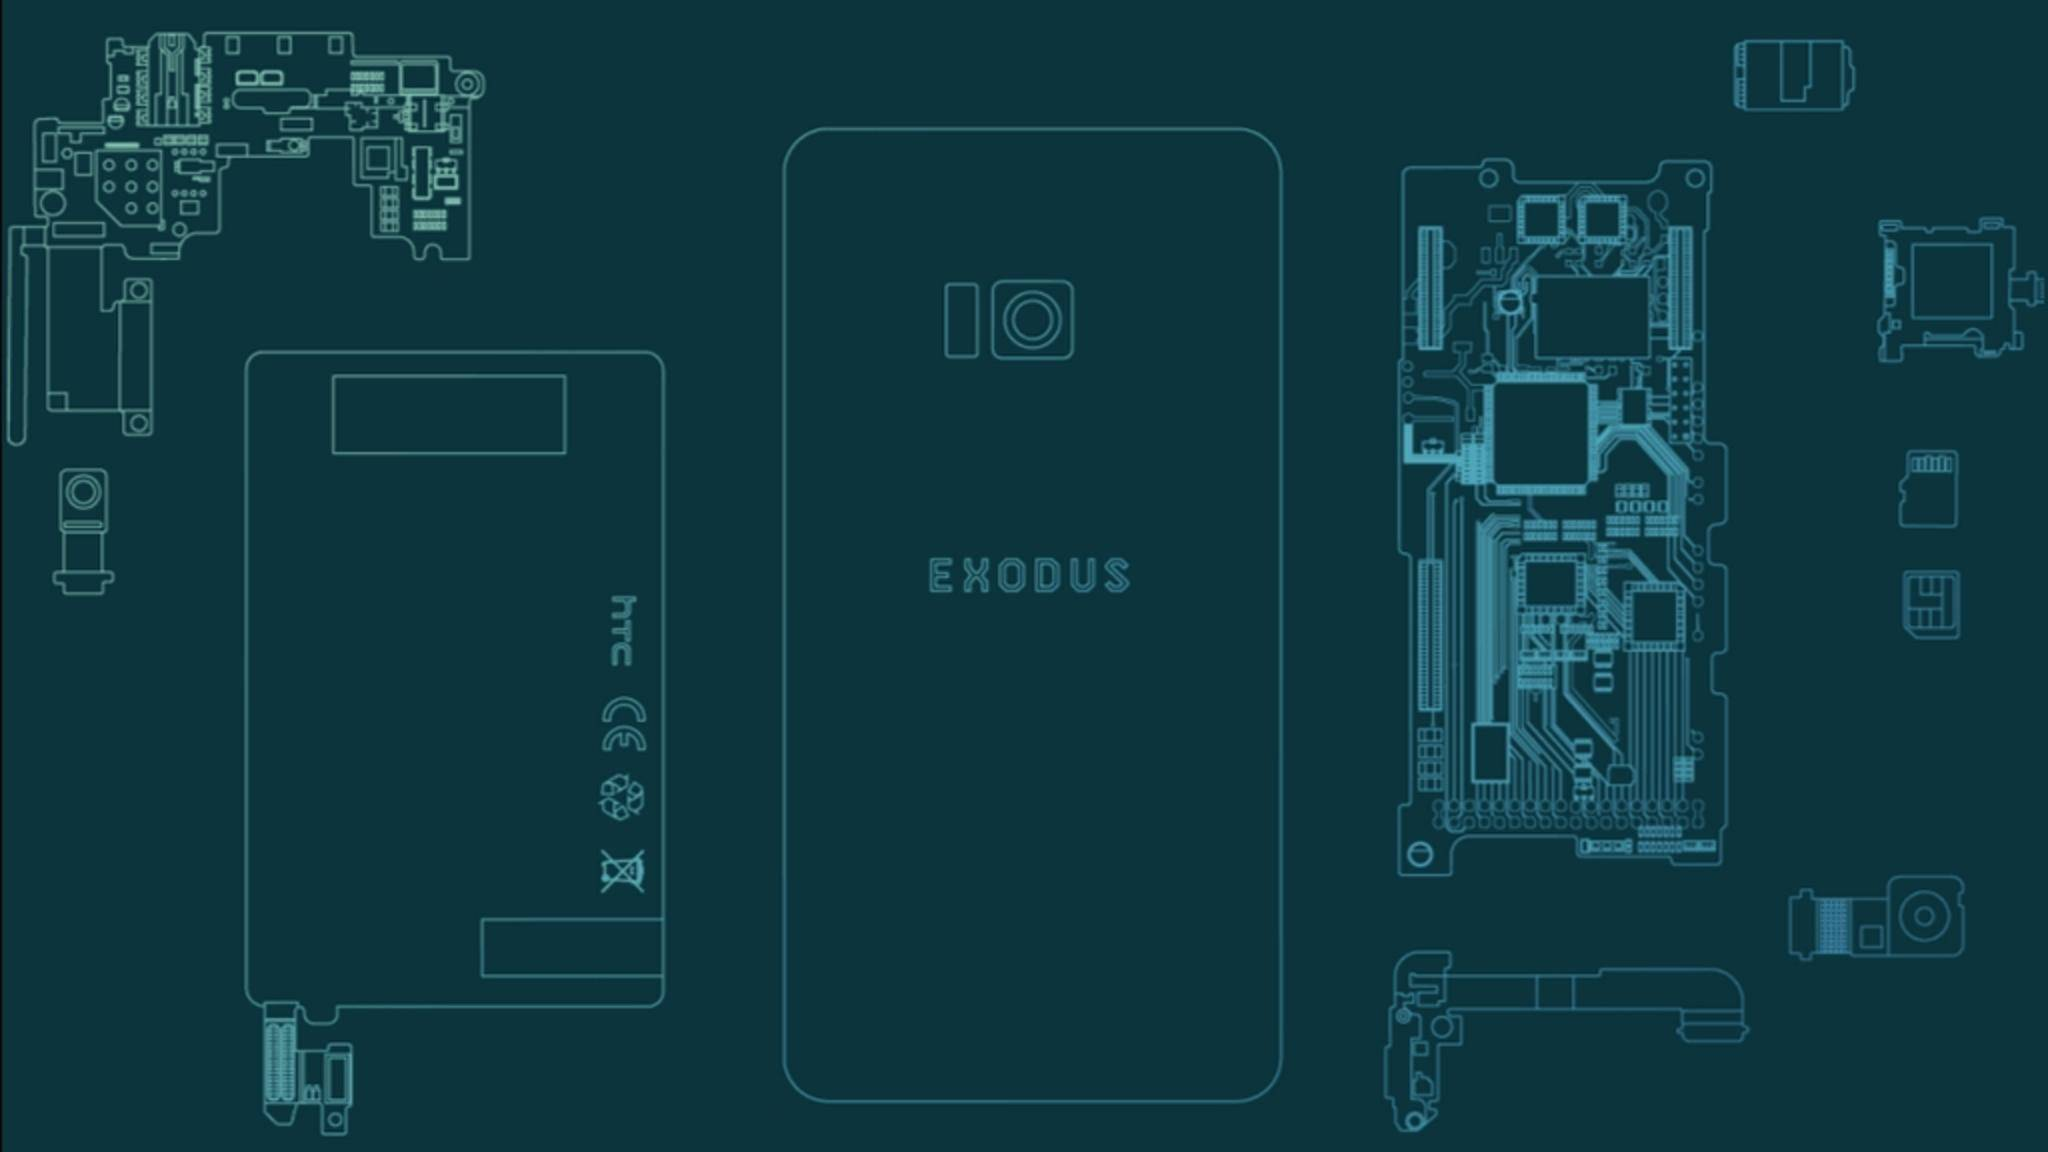 Das HTC Exodus soll ein Blockchain-Smartphone werden.